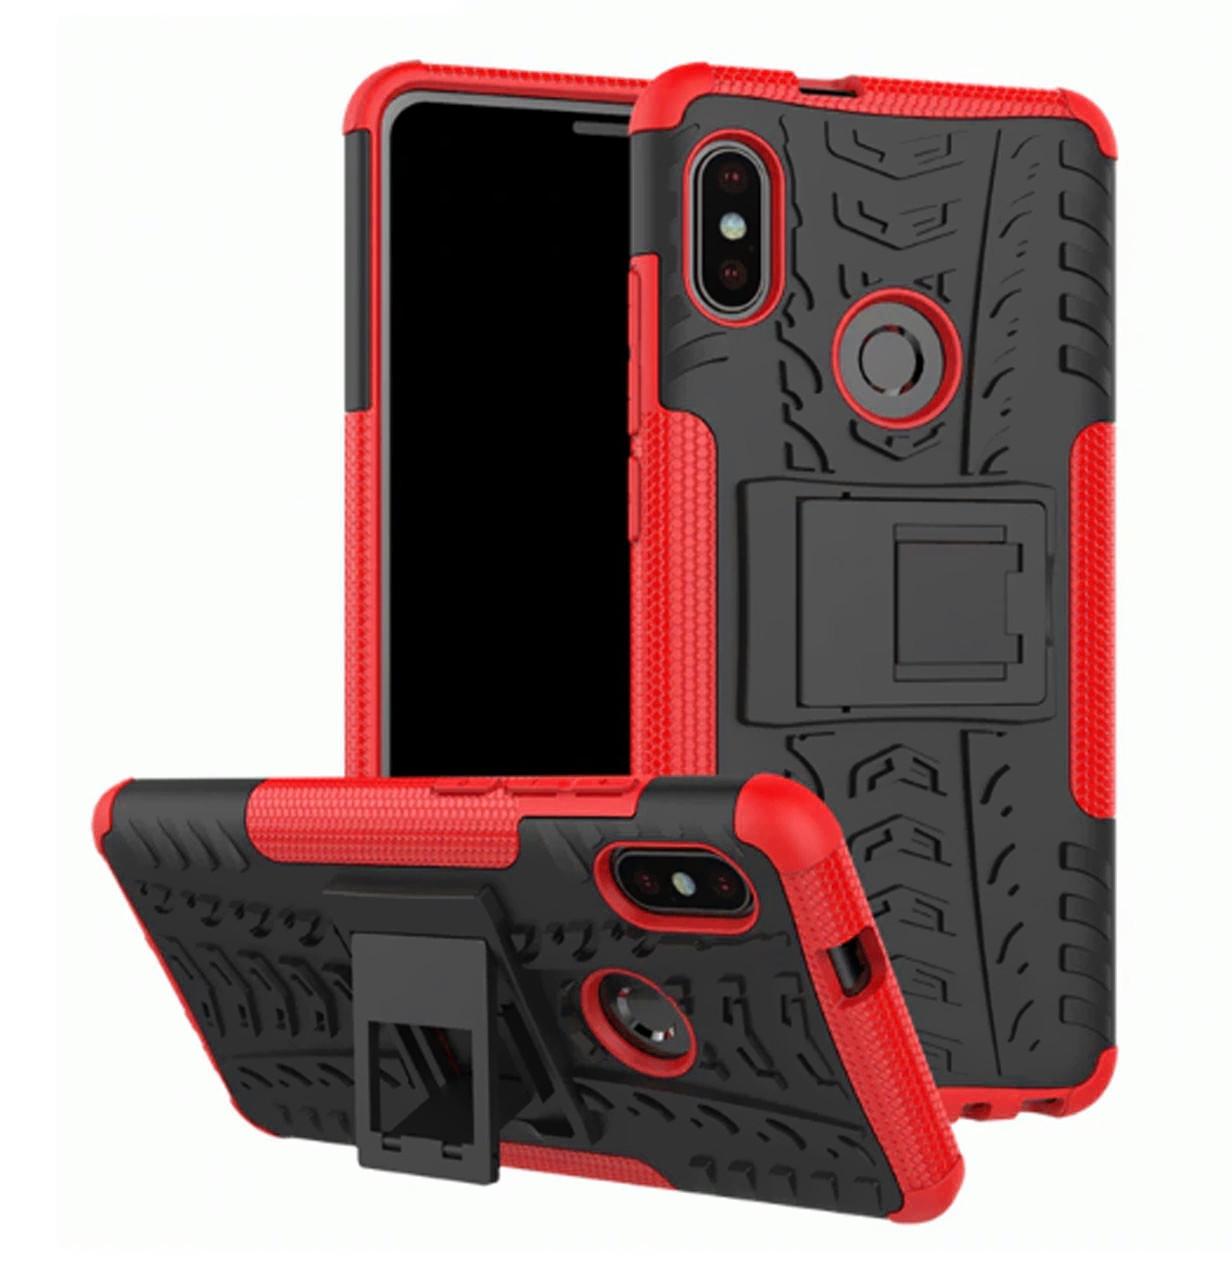 Противоударный двухслойный чехол Shield для Xiaomi Redmi Note 6 Pro Red